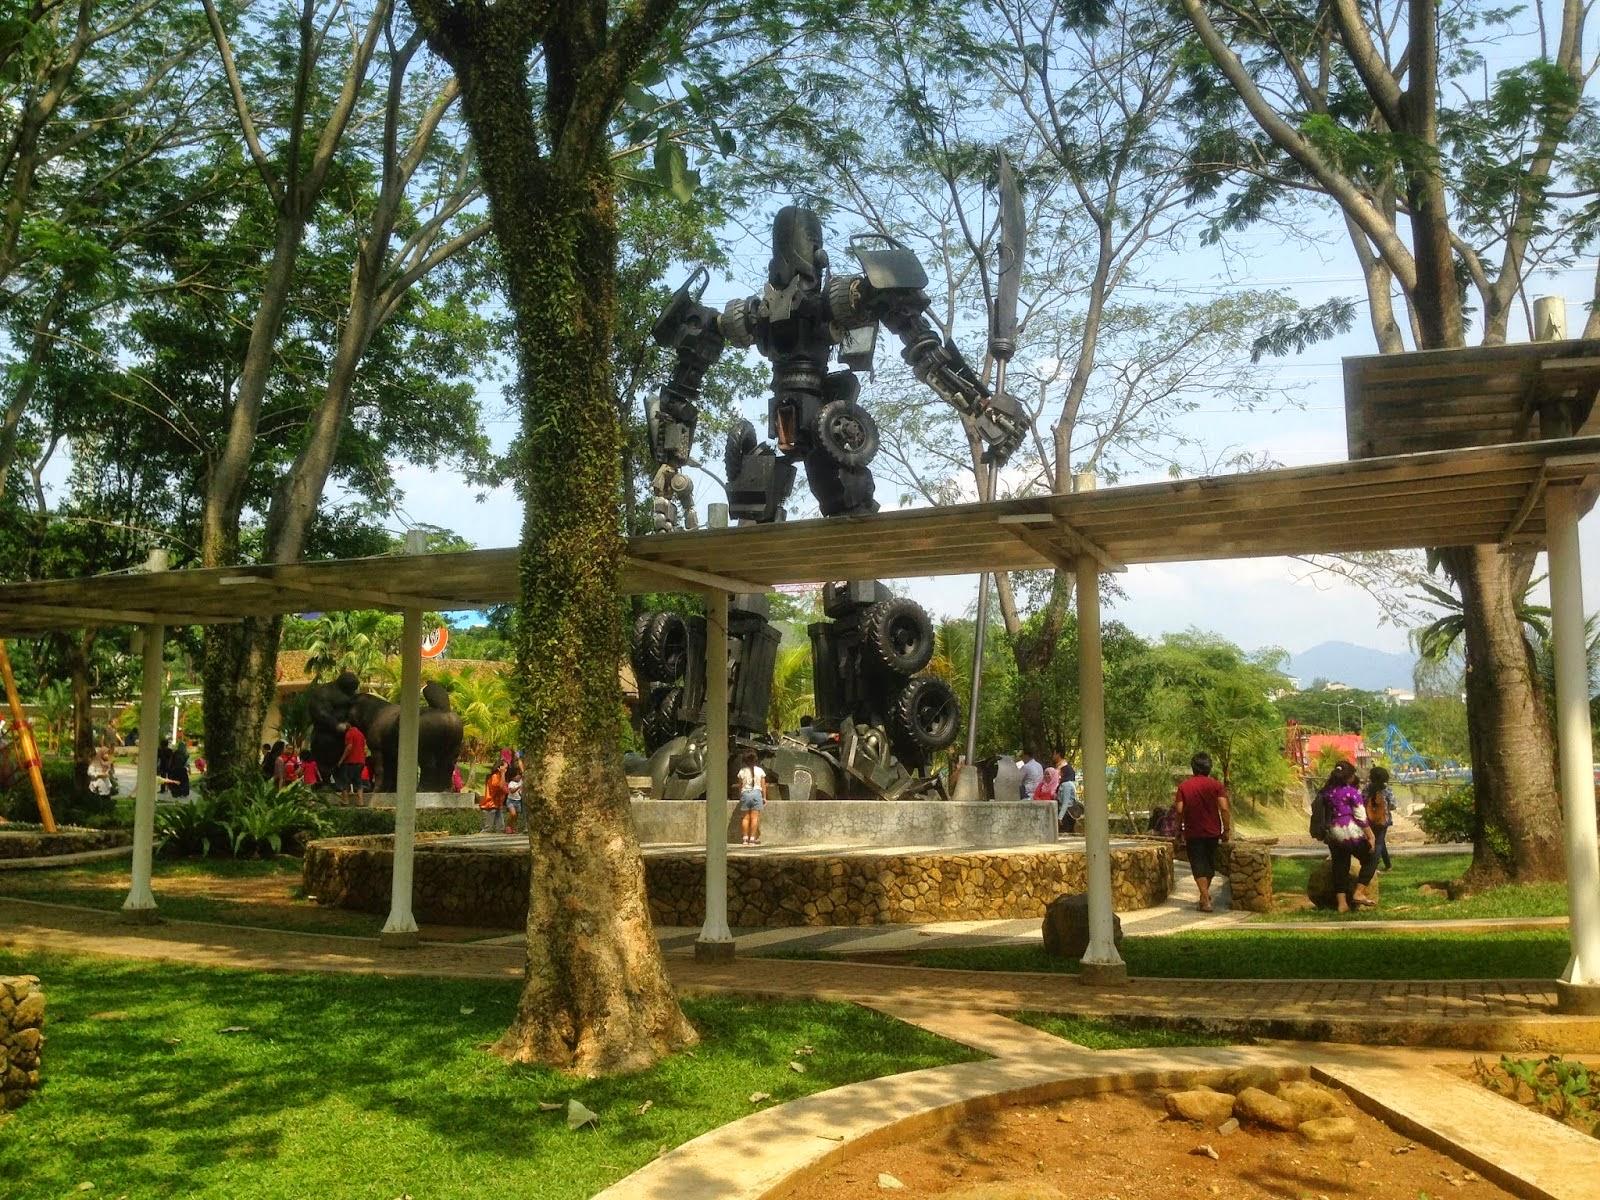 Tempat Wisata di Sentul Bogor Yang Bisa Dikunjungi - Tempat Wisata